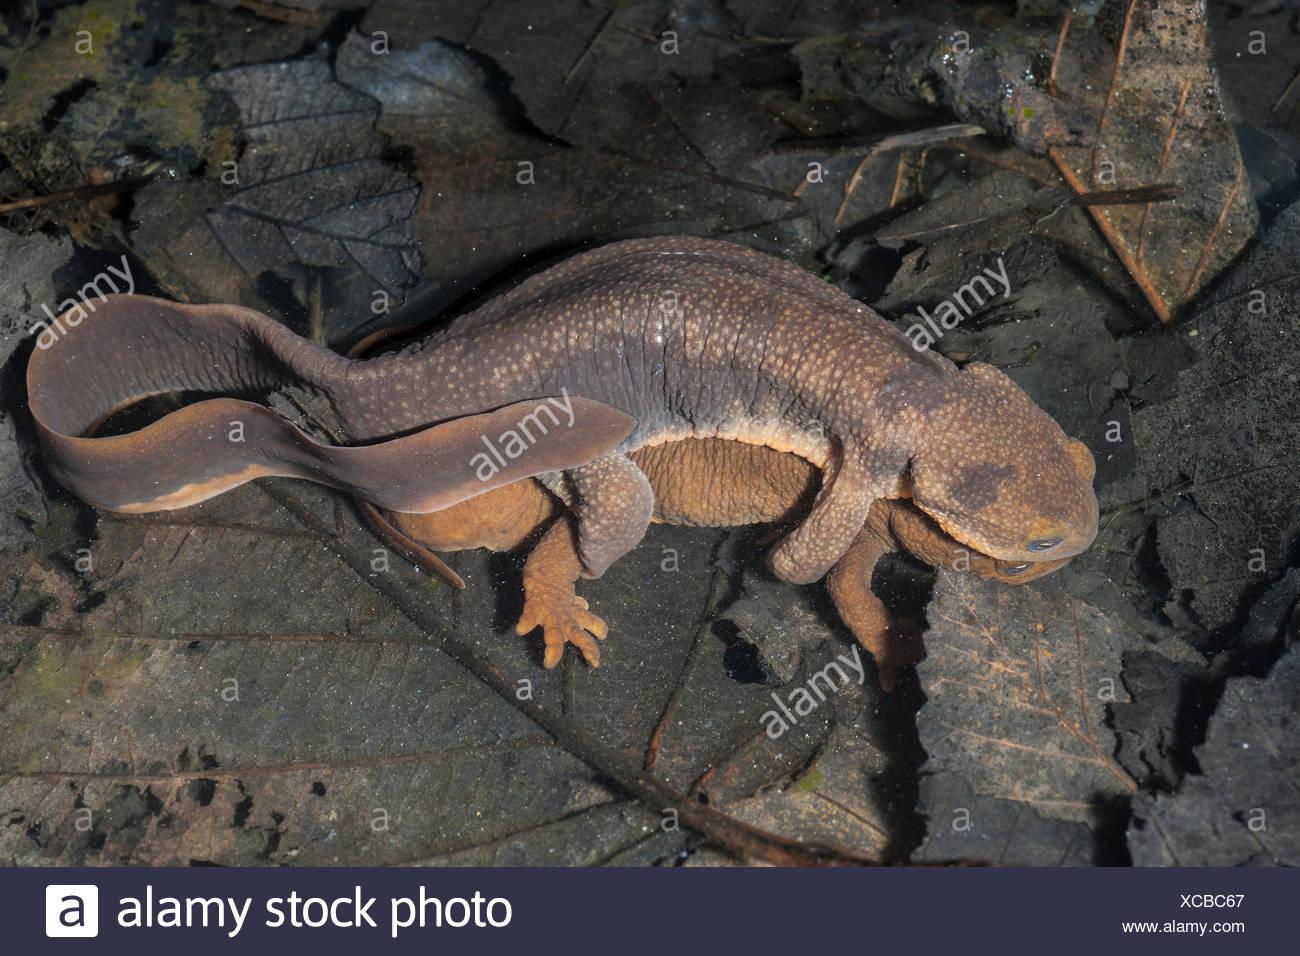 Acoplamiento de piel rugosa salamandras (Taricha granulosa), bosques templados, Costa central Bella Coola, British Columbia, Canadá Imagen De Stock